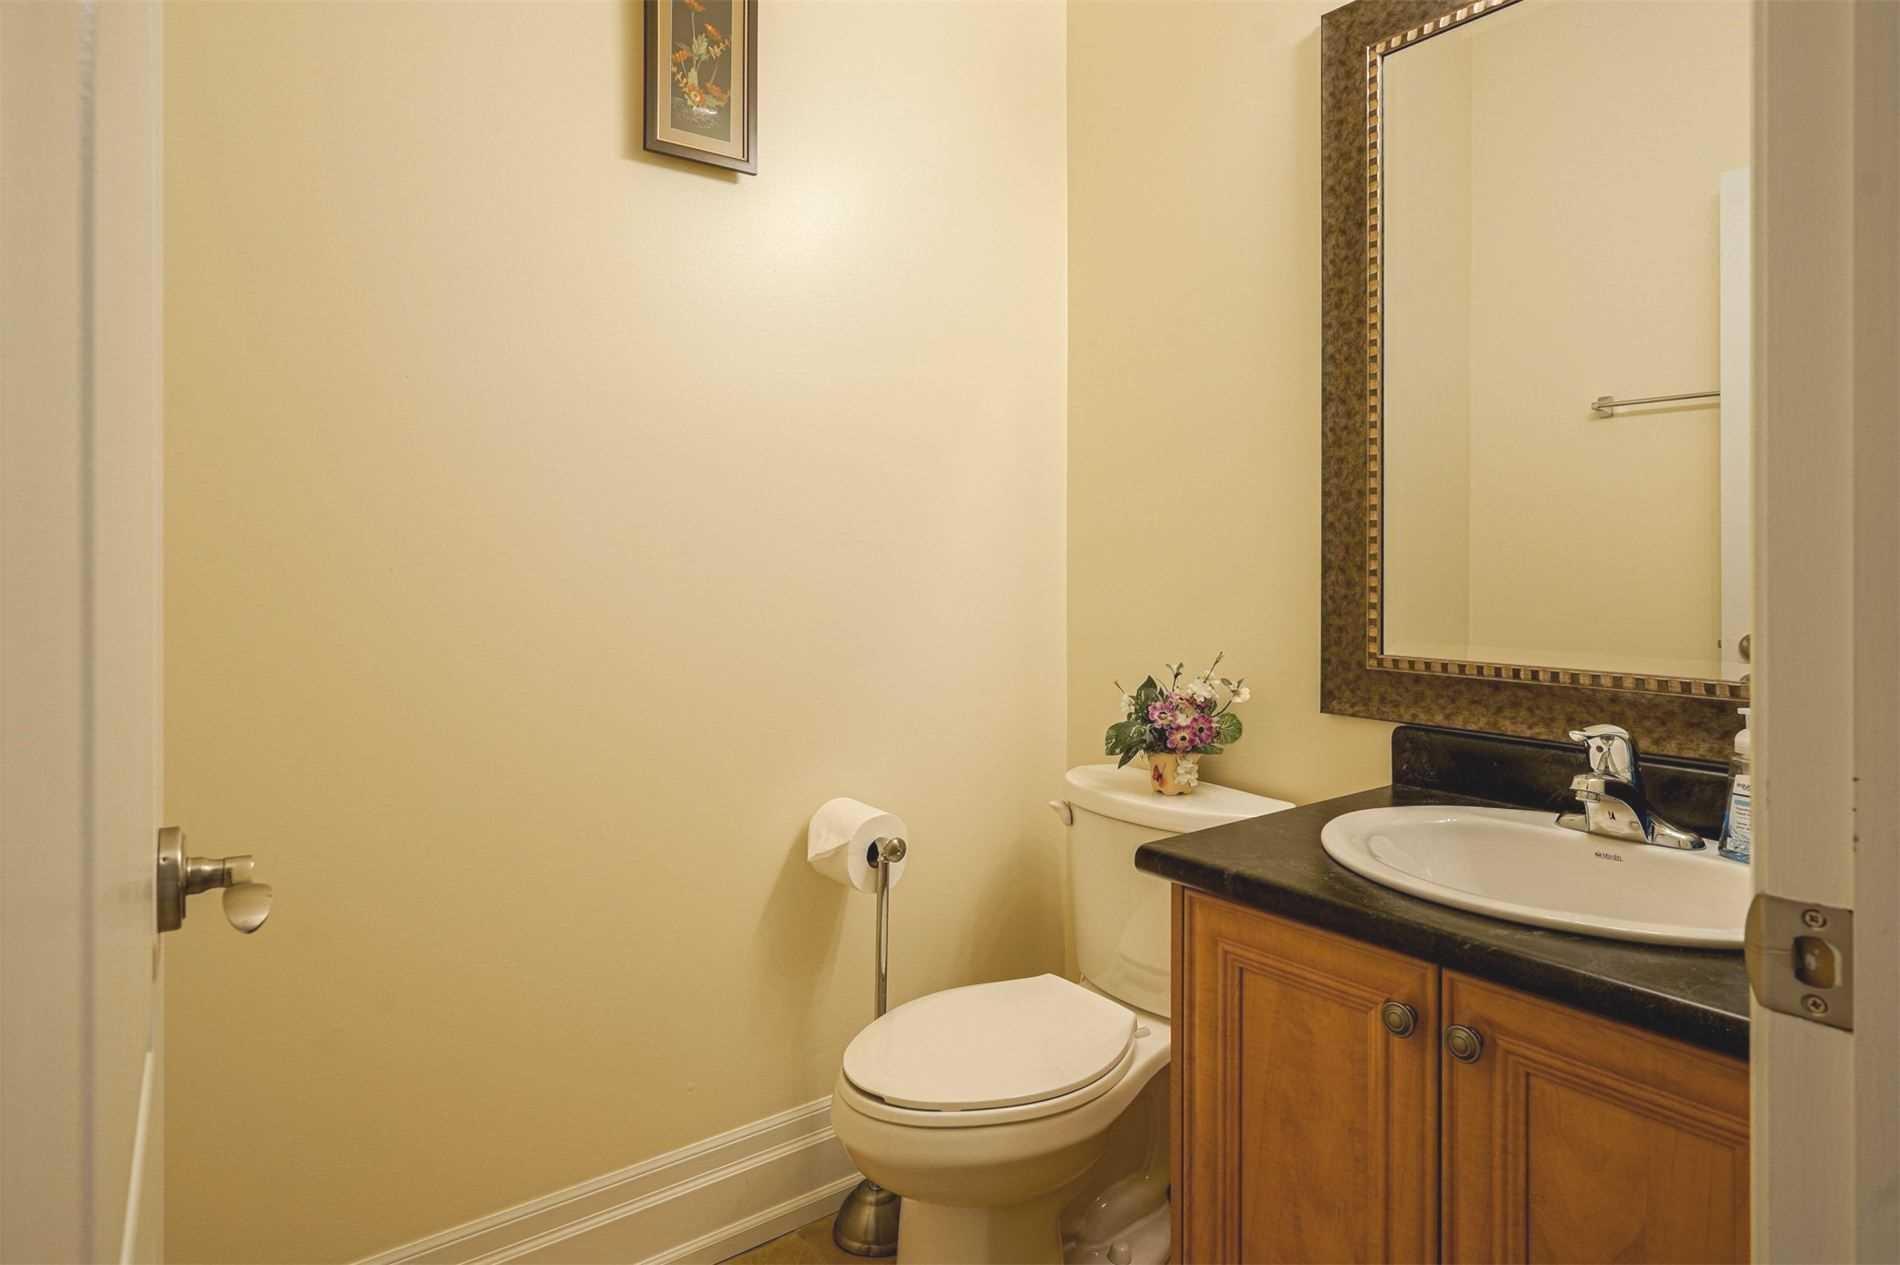 315 Highway 47 Rd - Rural Uxbridge Detached for sale, 3 Bedrooms (N5306115) - #24